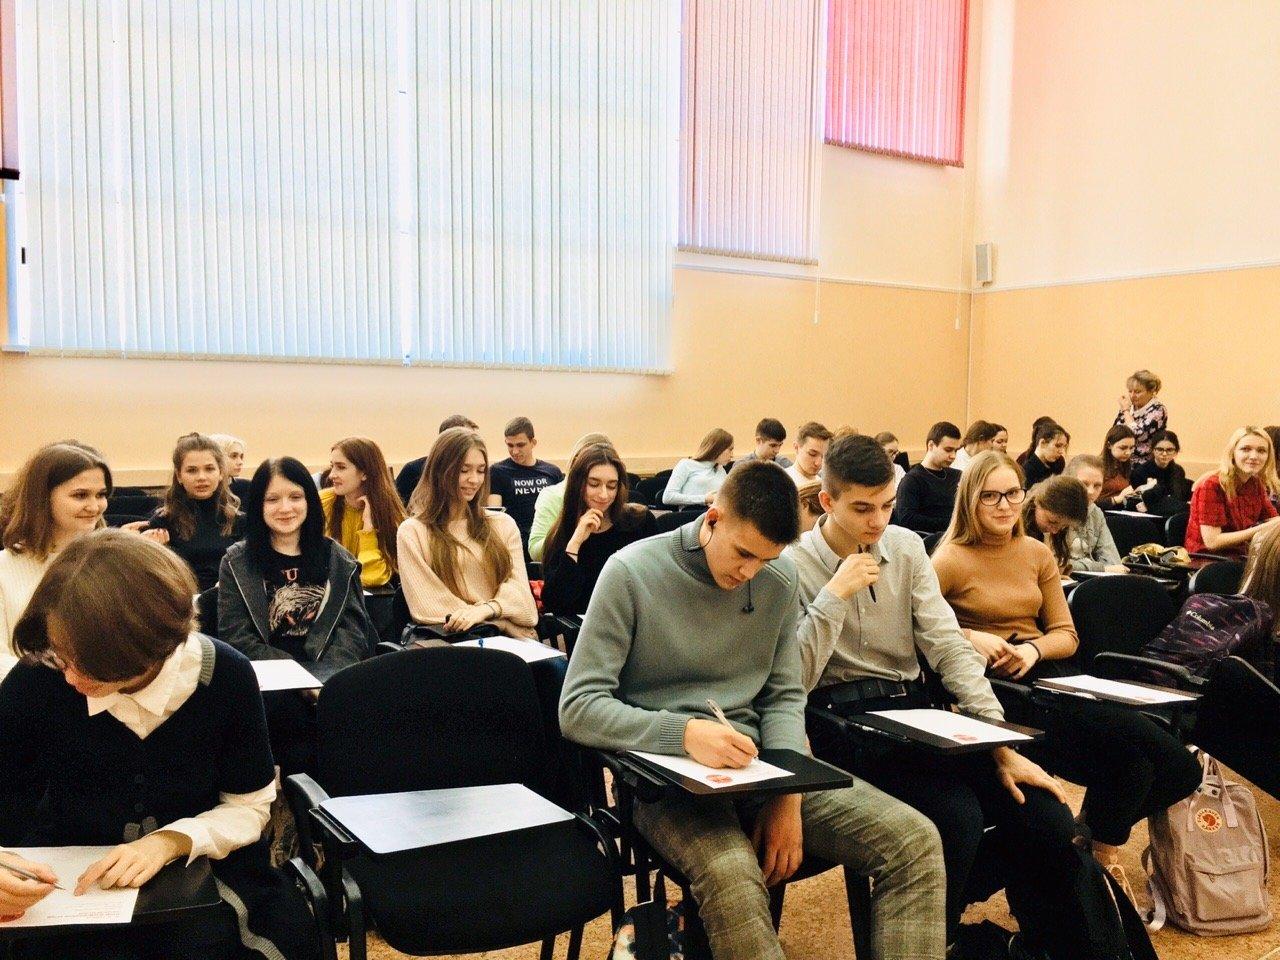 Тамбовский филиал РАНХиГС принял участие во Всероссийском открытом диктанте по немецкому языку, фото-1